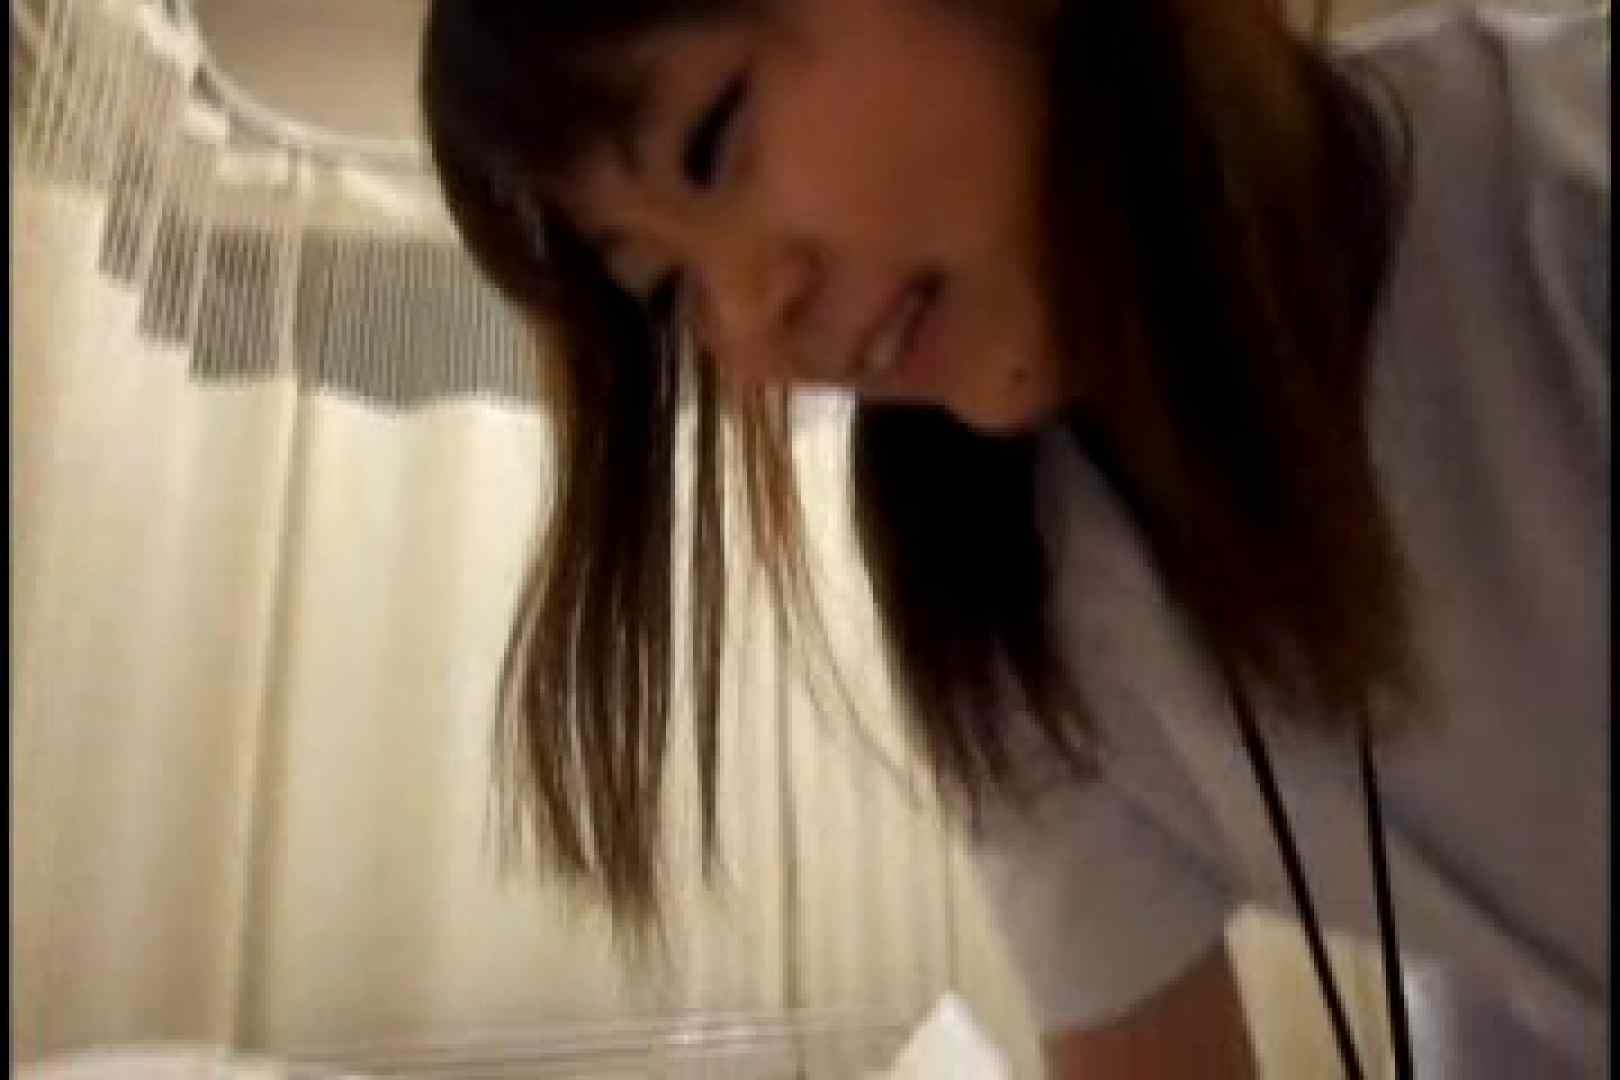 ヤリマンと呼ばれた看護士さんvol1 シックスナイン 隠し撮りオマンコ動画紹介 71枚 39